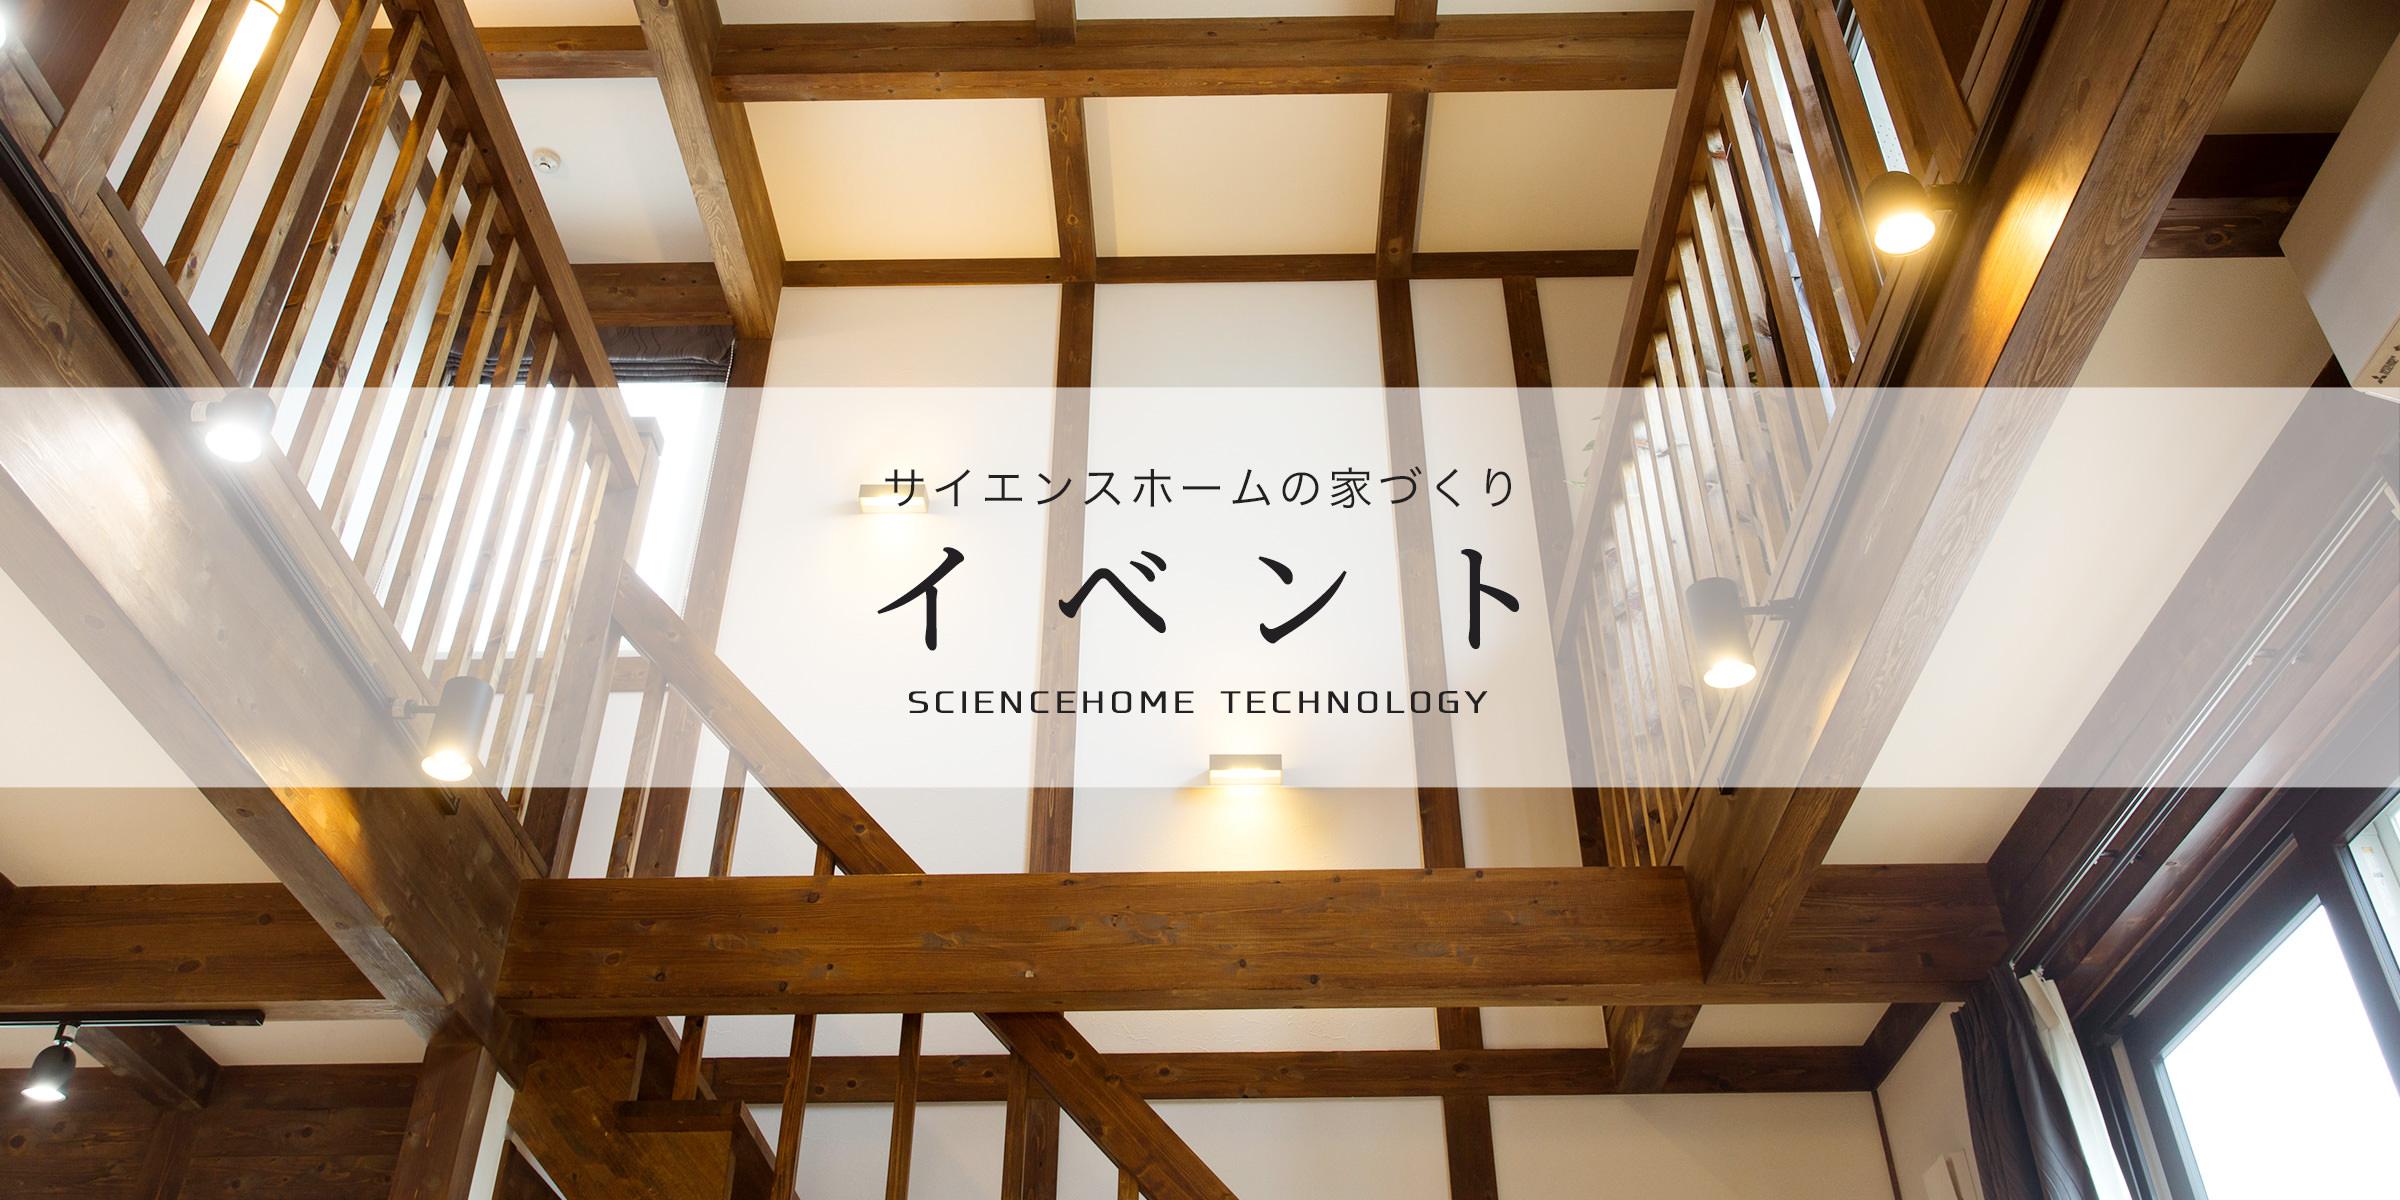 サイエンスホームの家づくり「イベント」